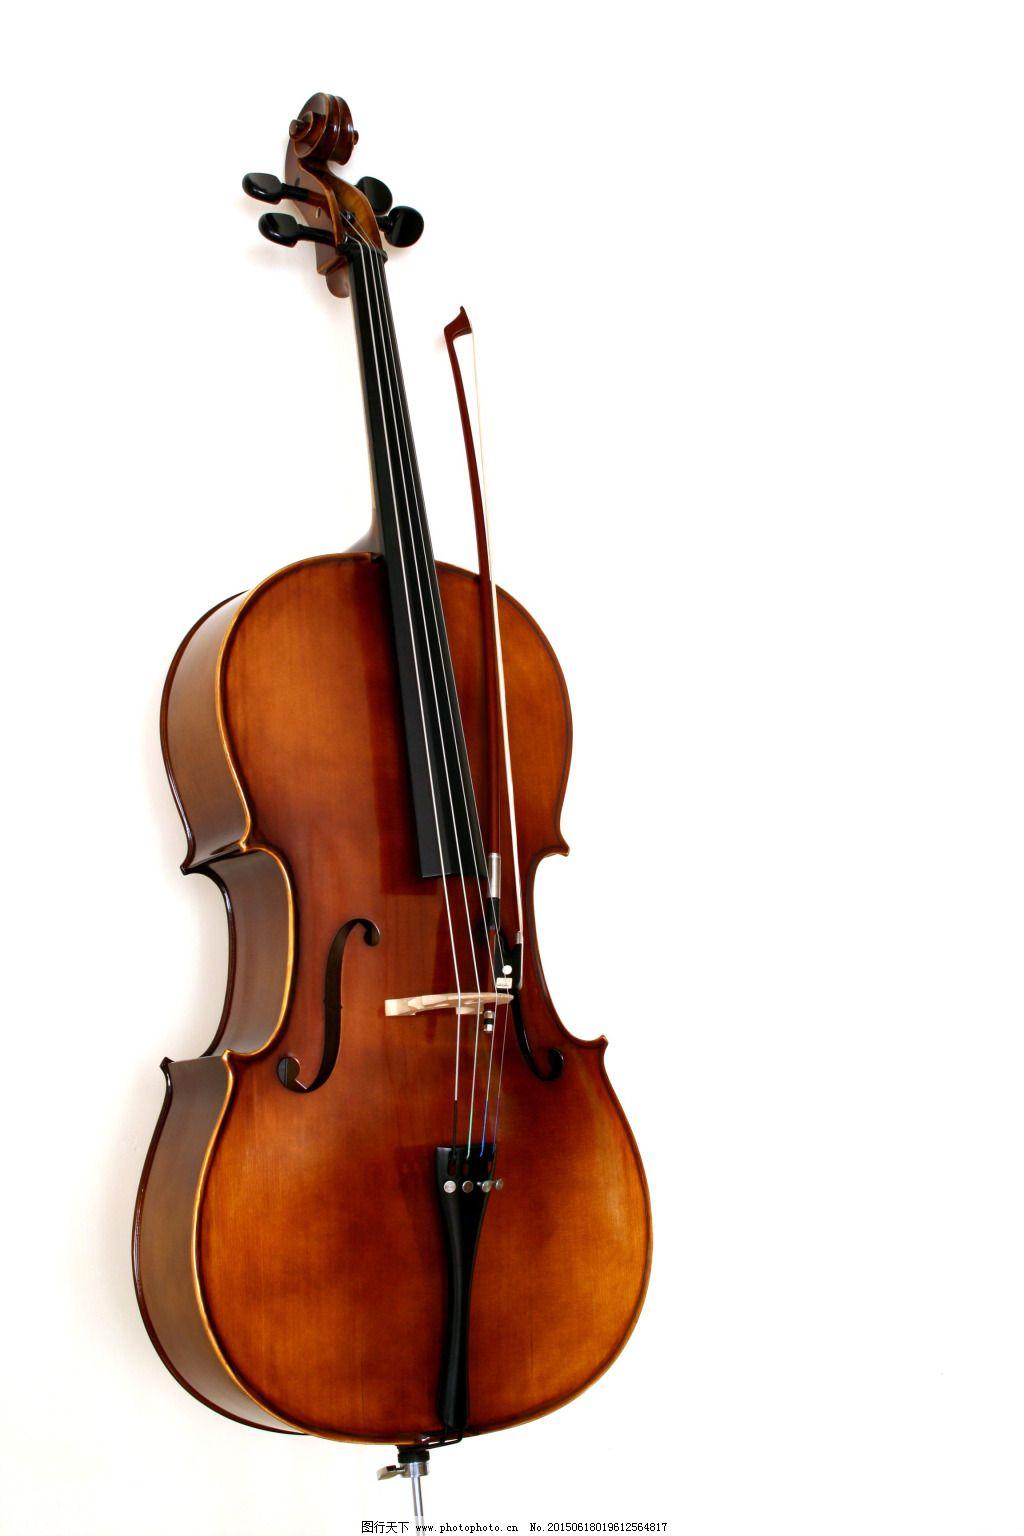 优雅小提琴白幕易抠图免费下载 白背景 小提琴 小提琴 琴弦 白背景 图图片